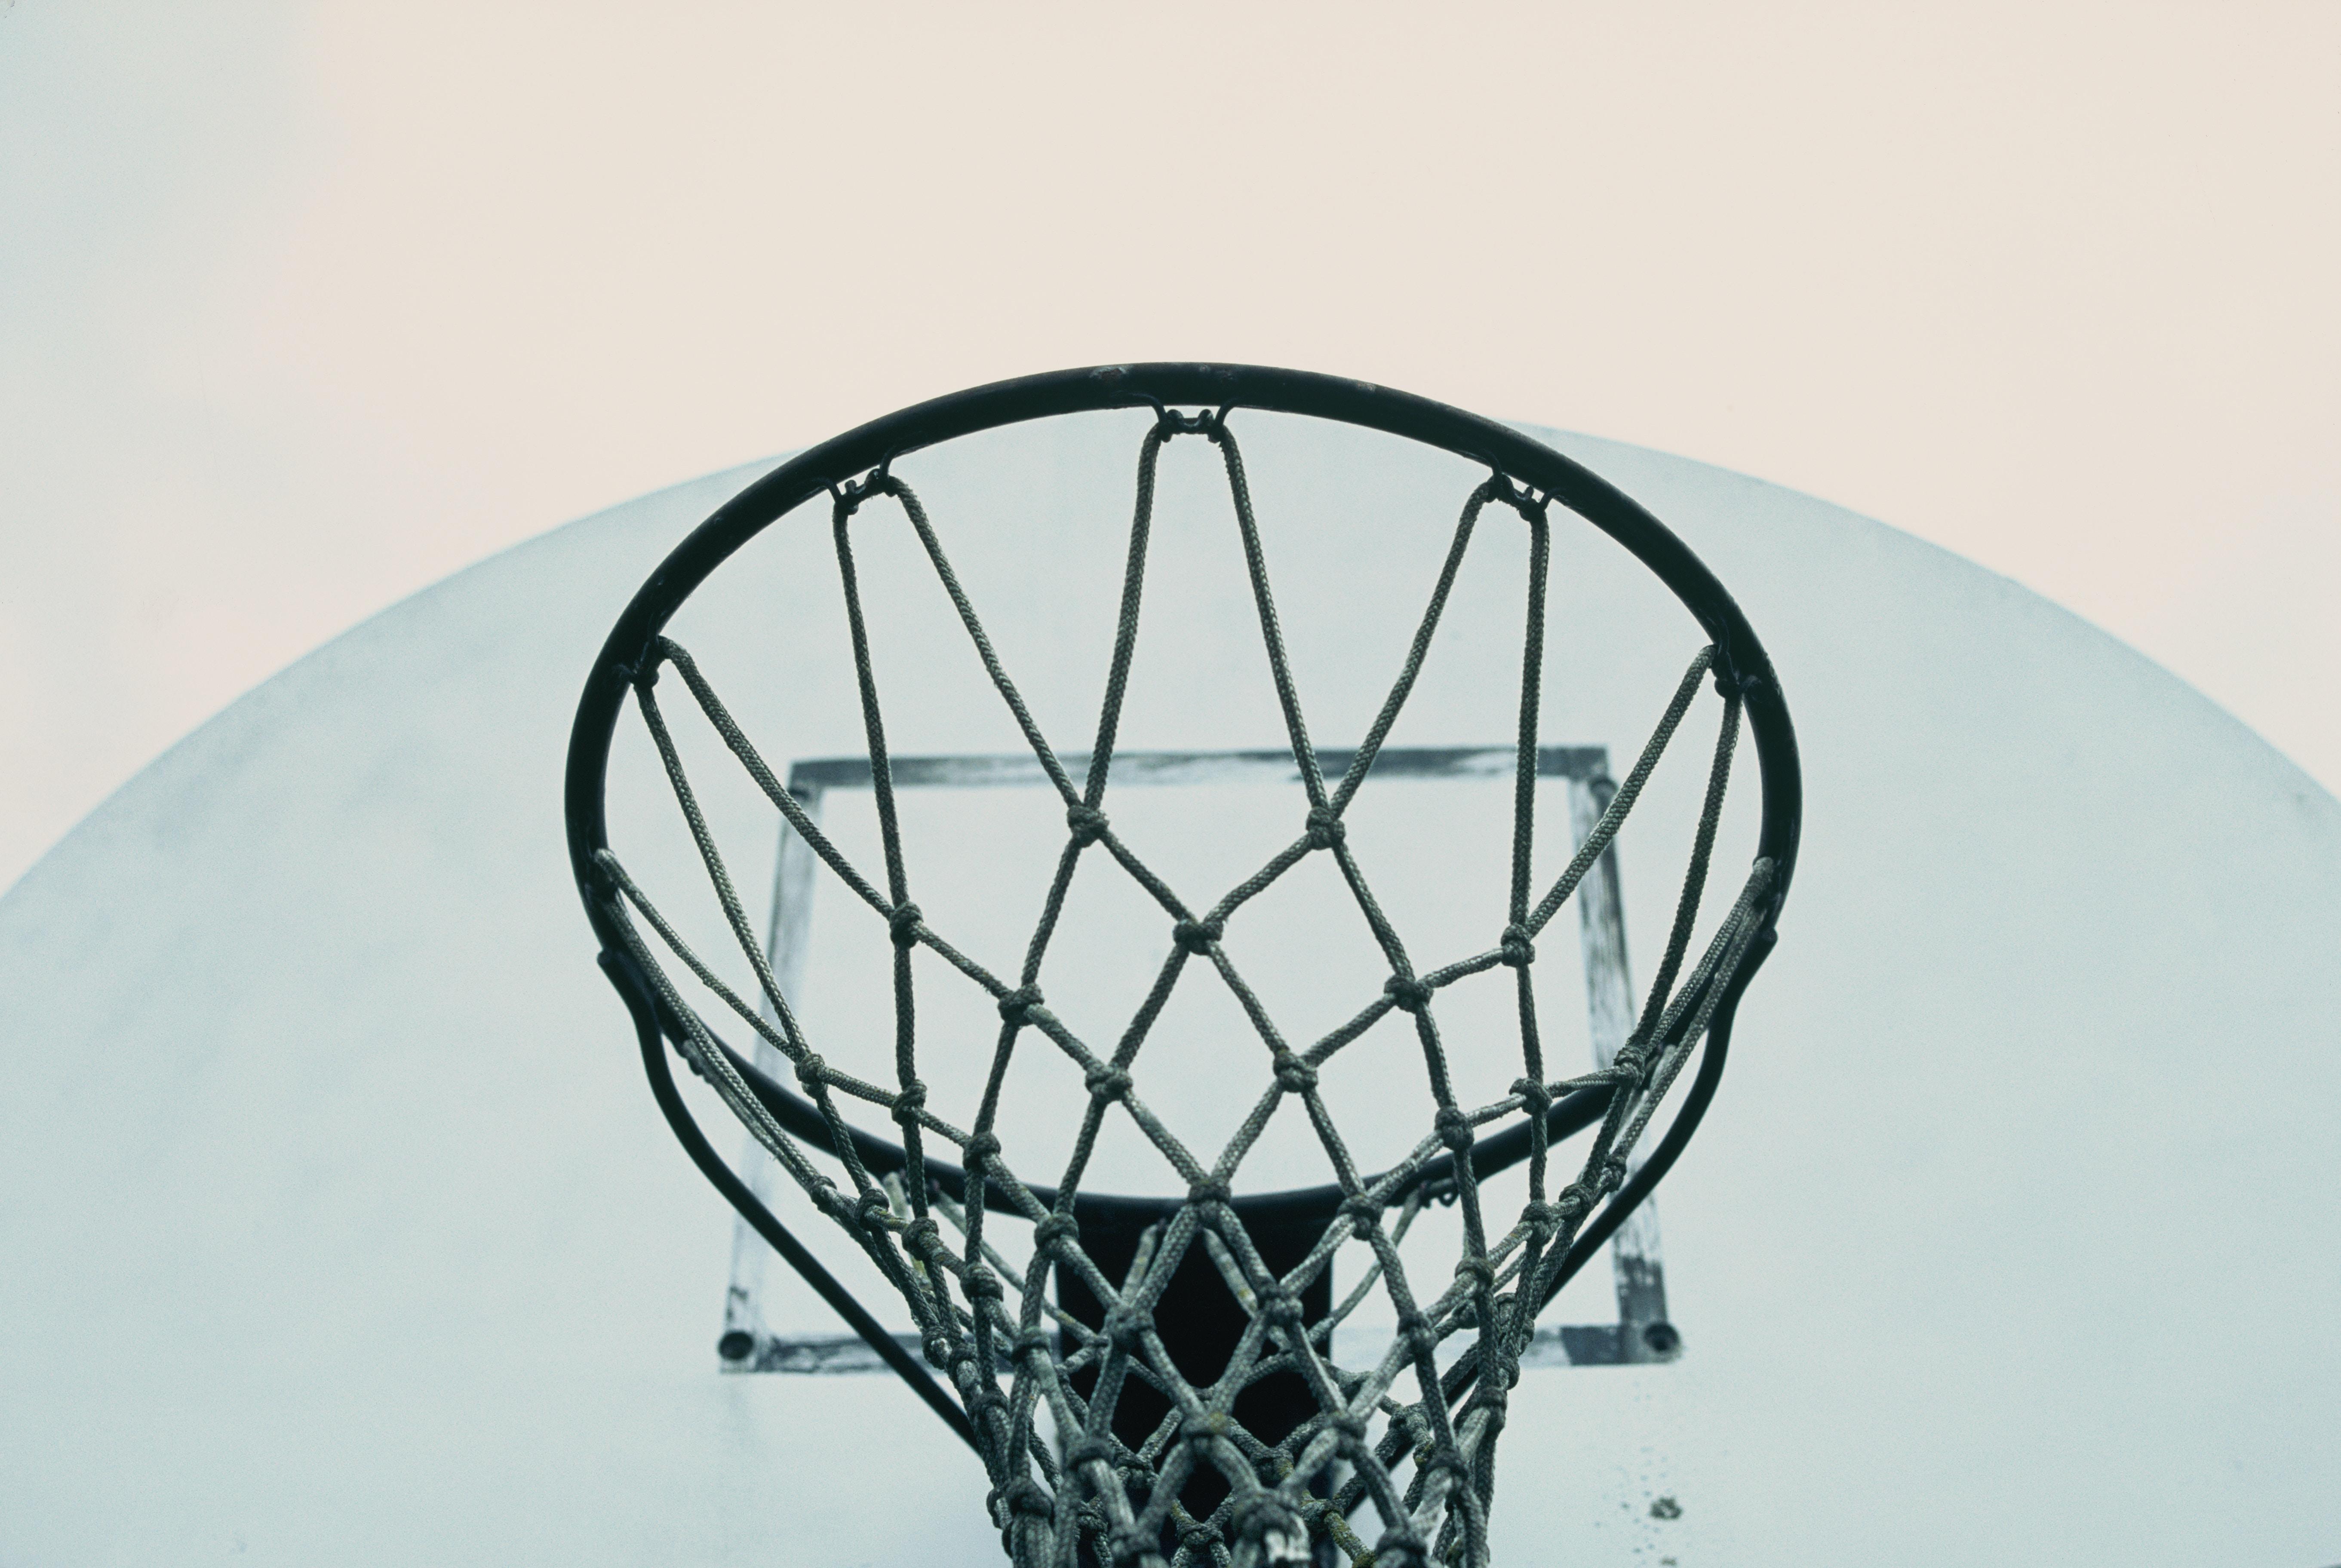 black basketball hoop